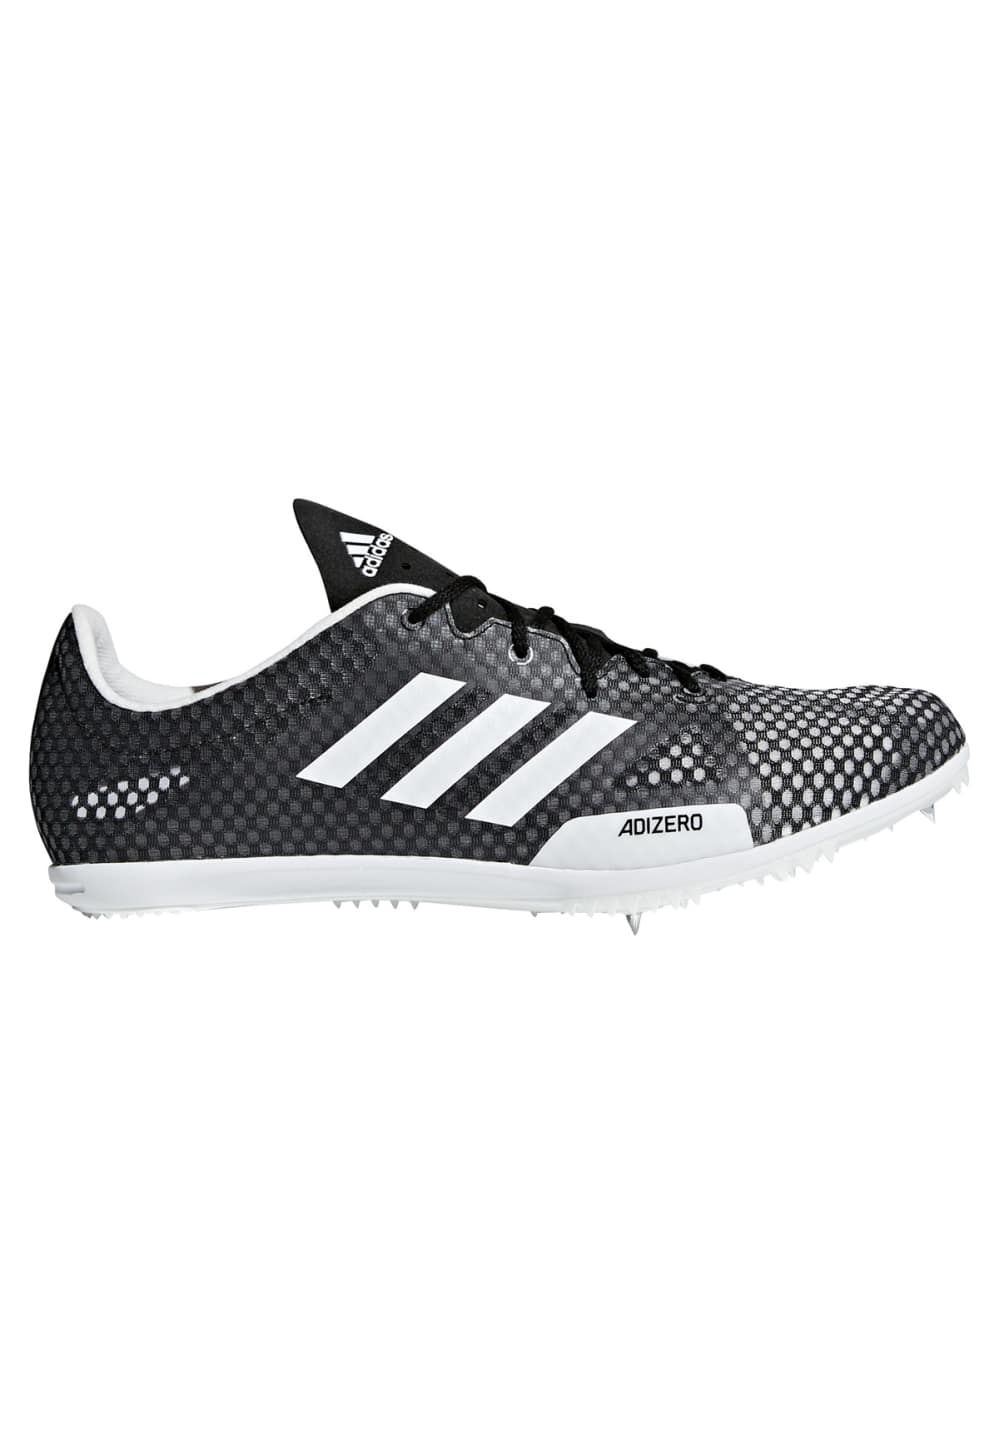 Spike Adizero Schuh Spikes Für Adidas Ambition Damen 4 Schwarz dxBeorCW